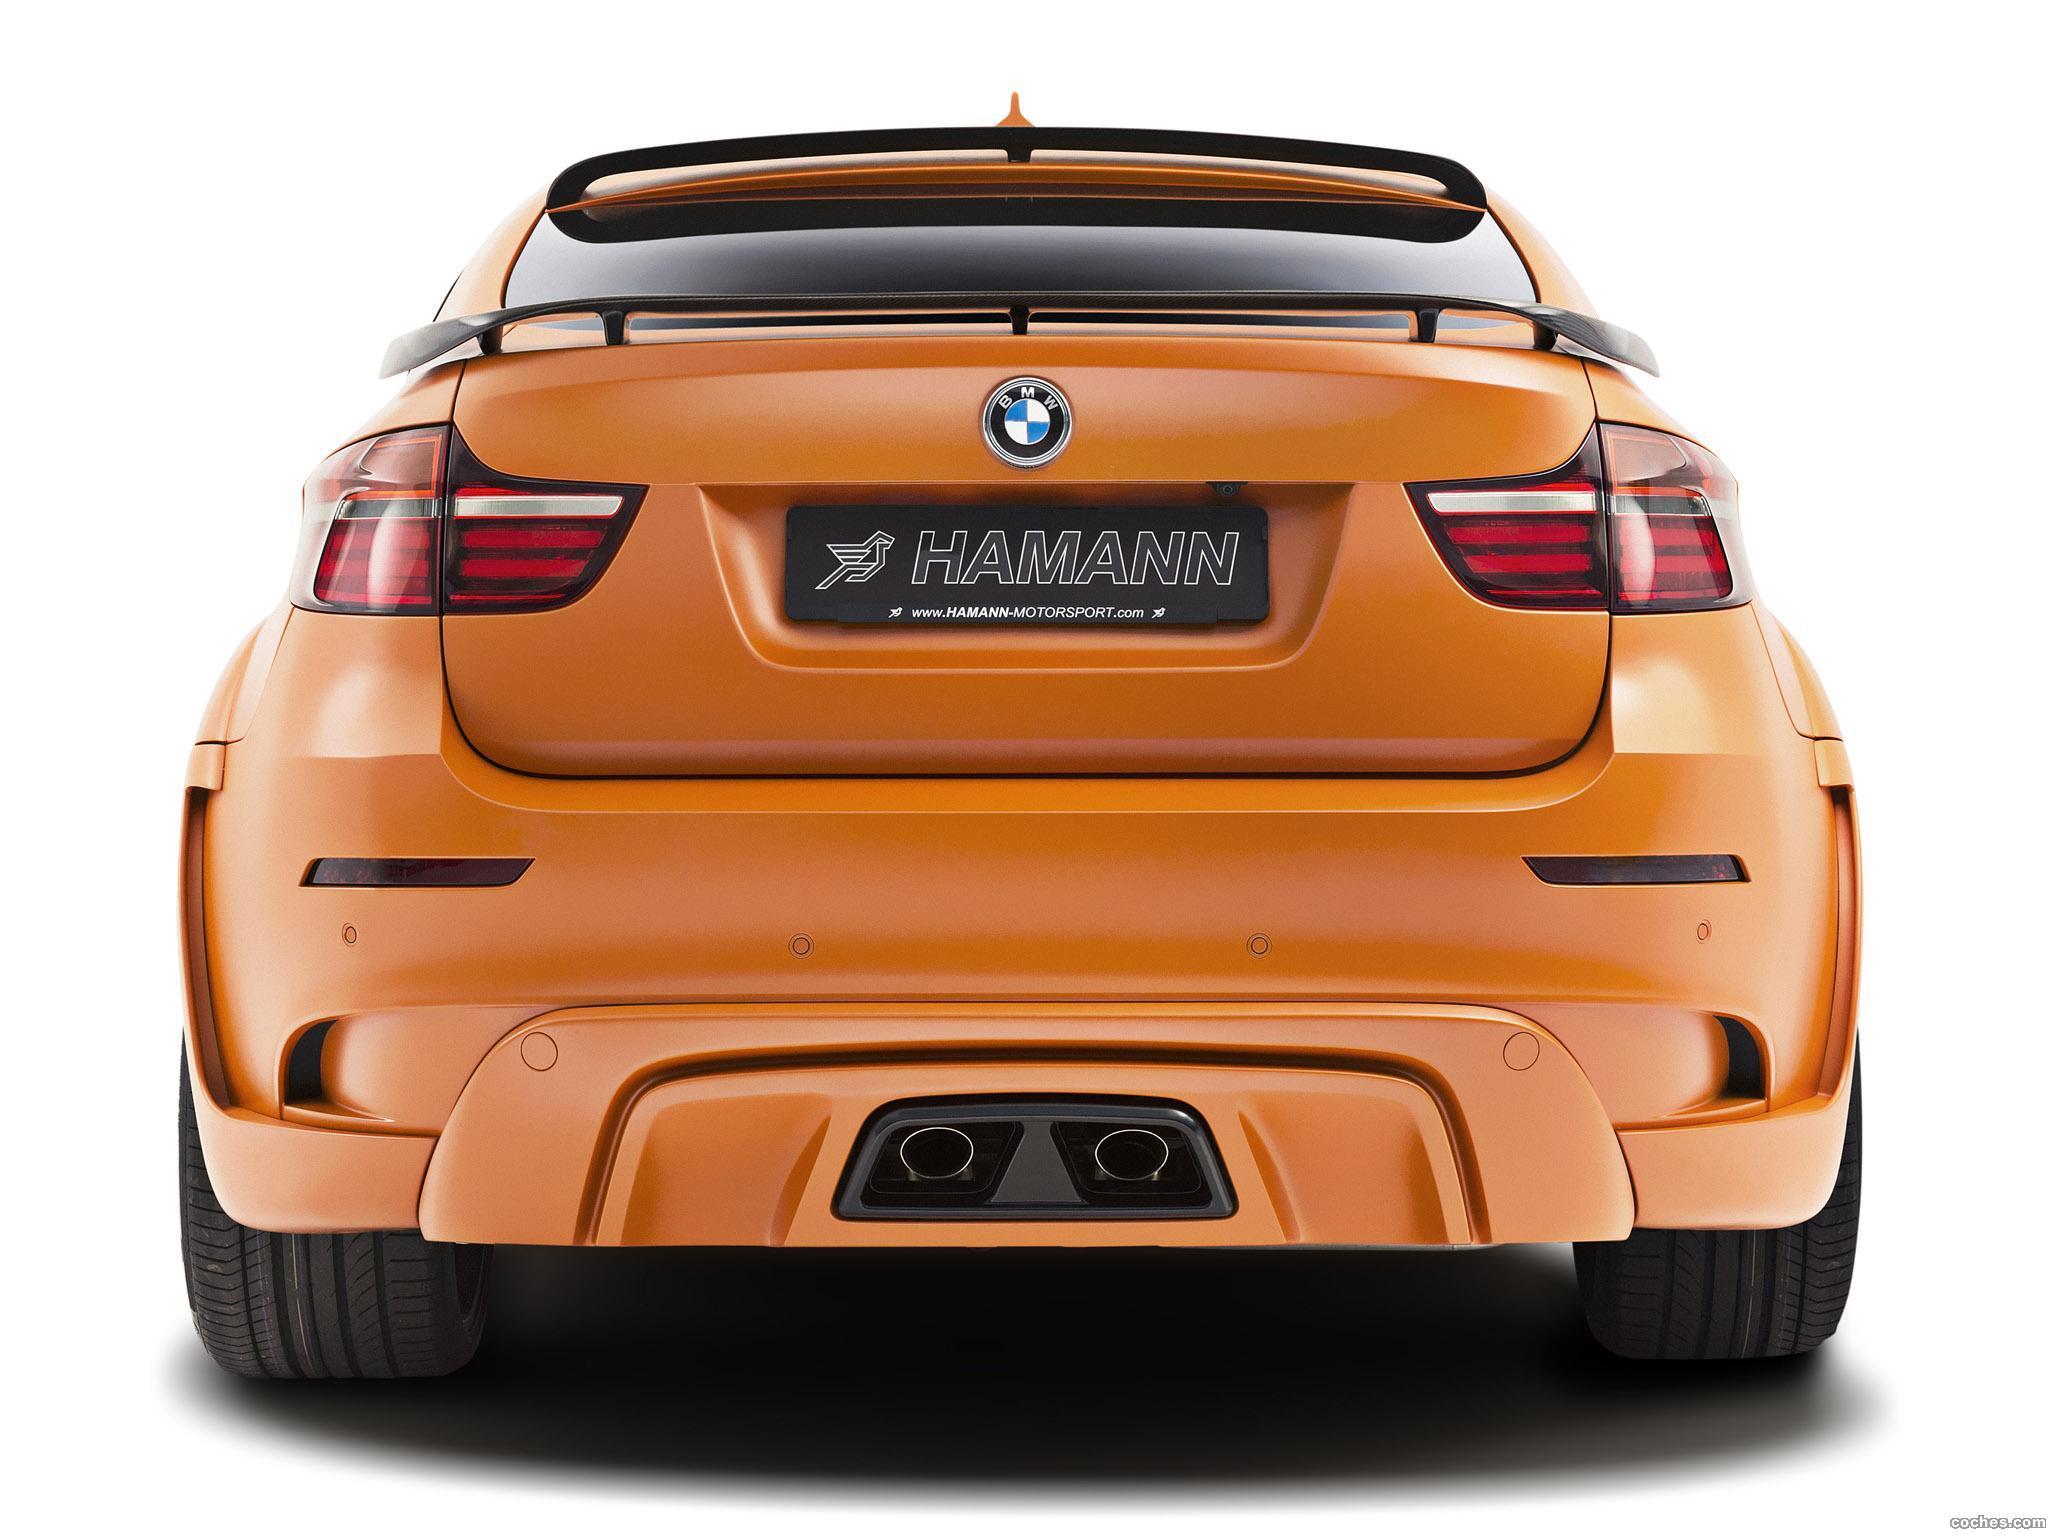 Foto 1 de Hamann BMW X6 M Tycoon II 2013